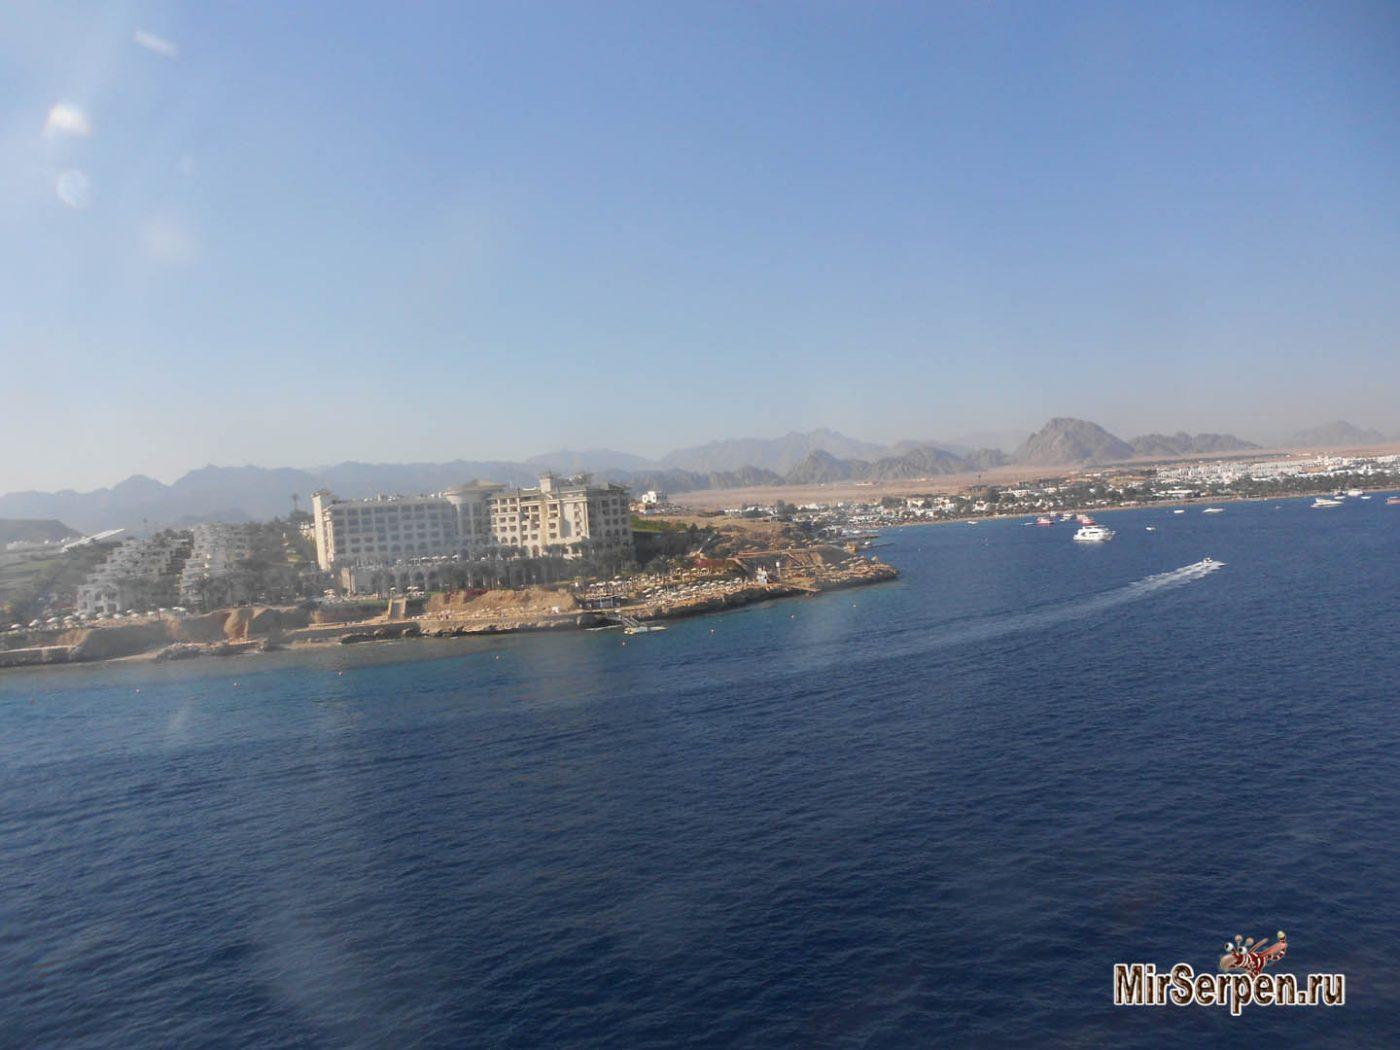 Отдых в Египте в Шарм-эш-Шейхе, декабрь 2012-январь 2013 - комментарии три года спустя